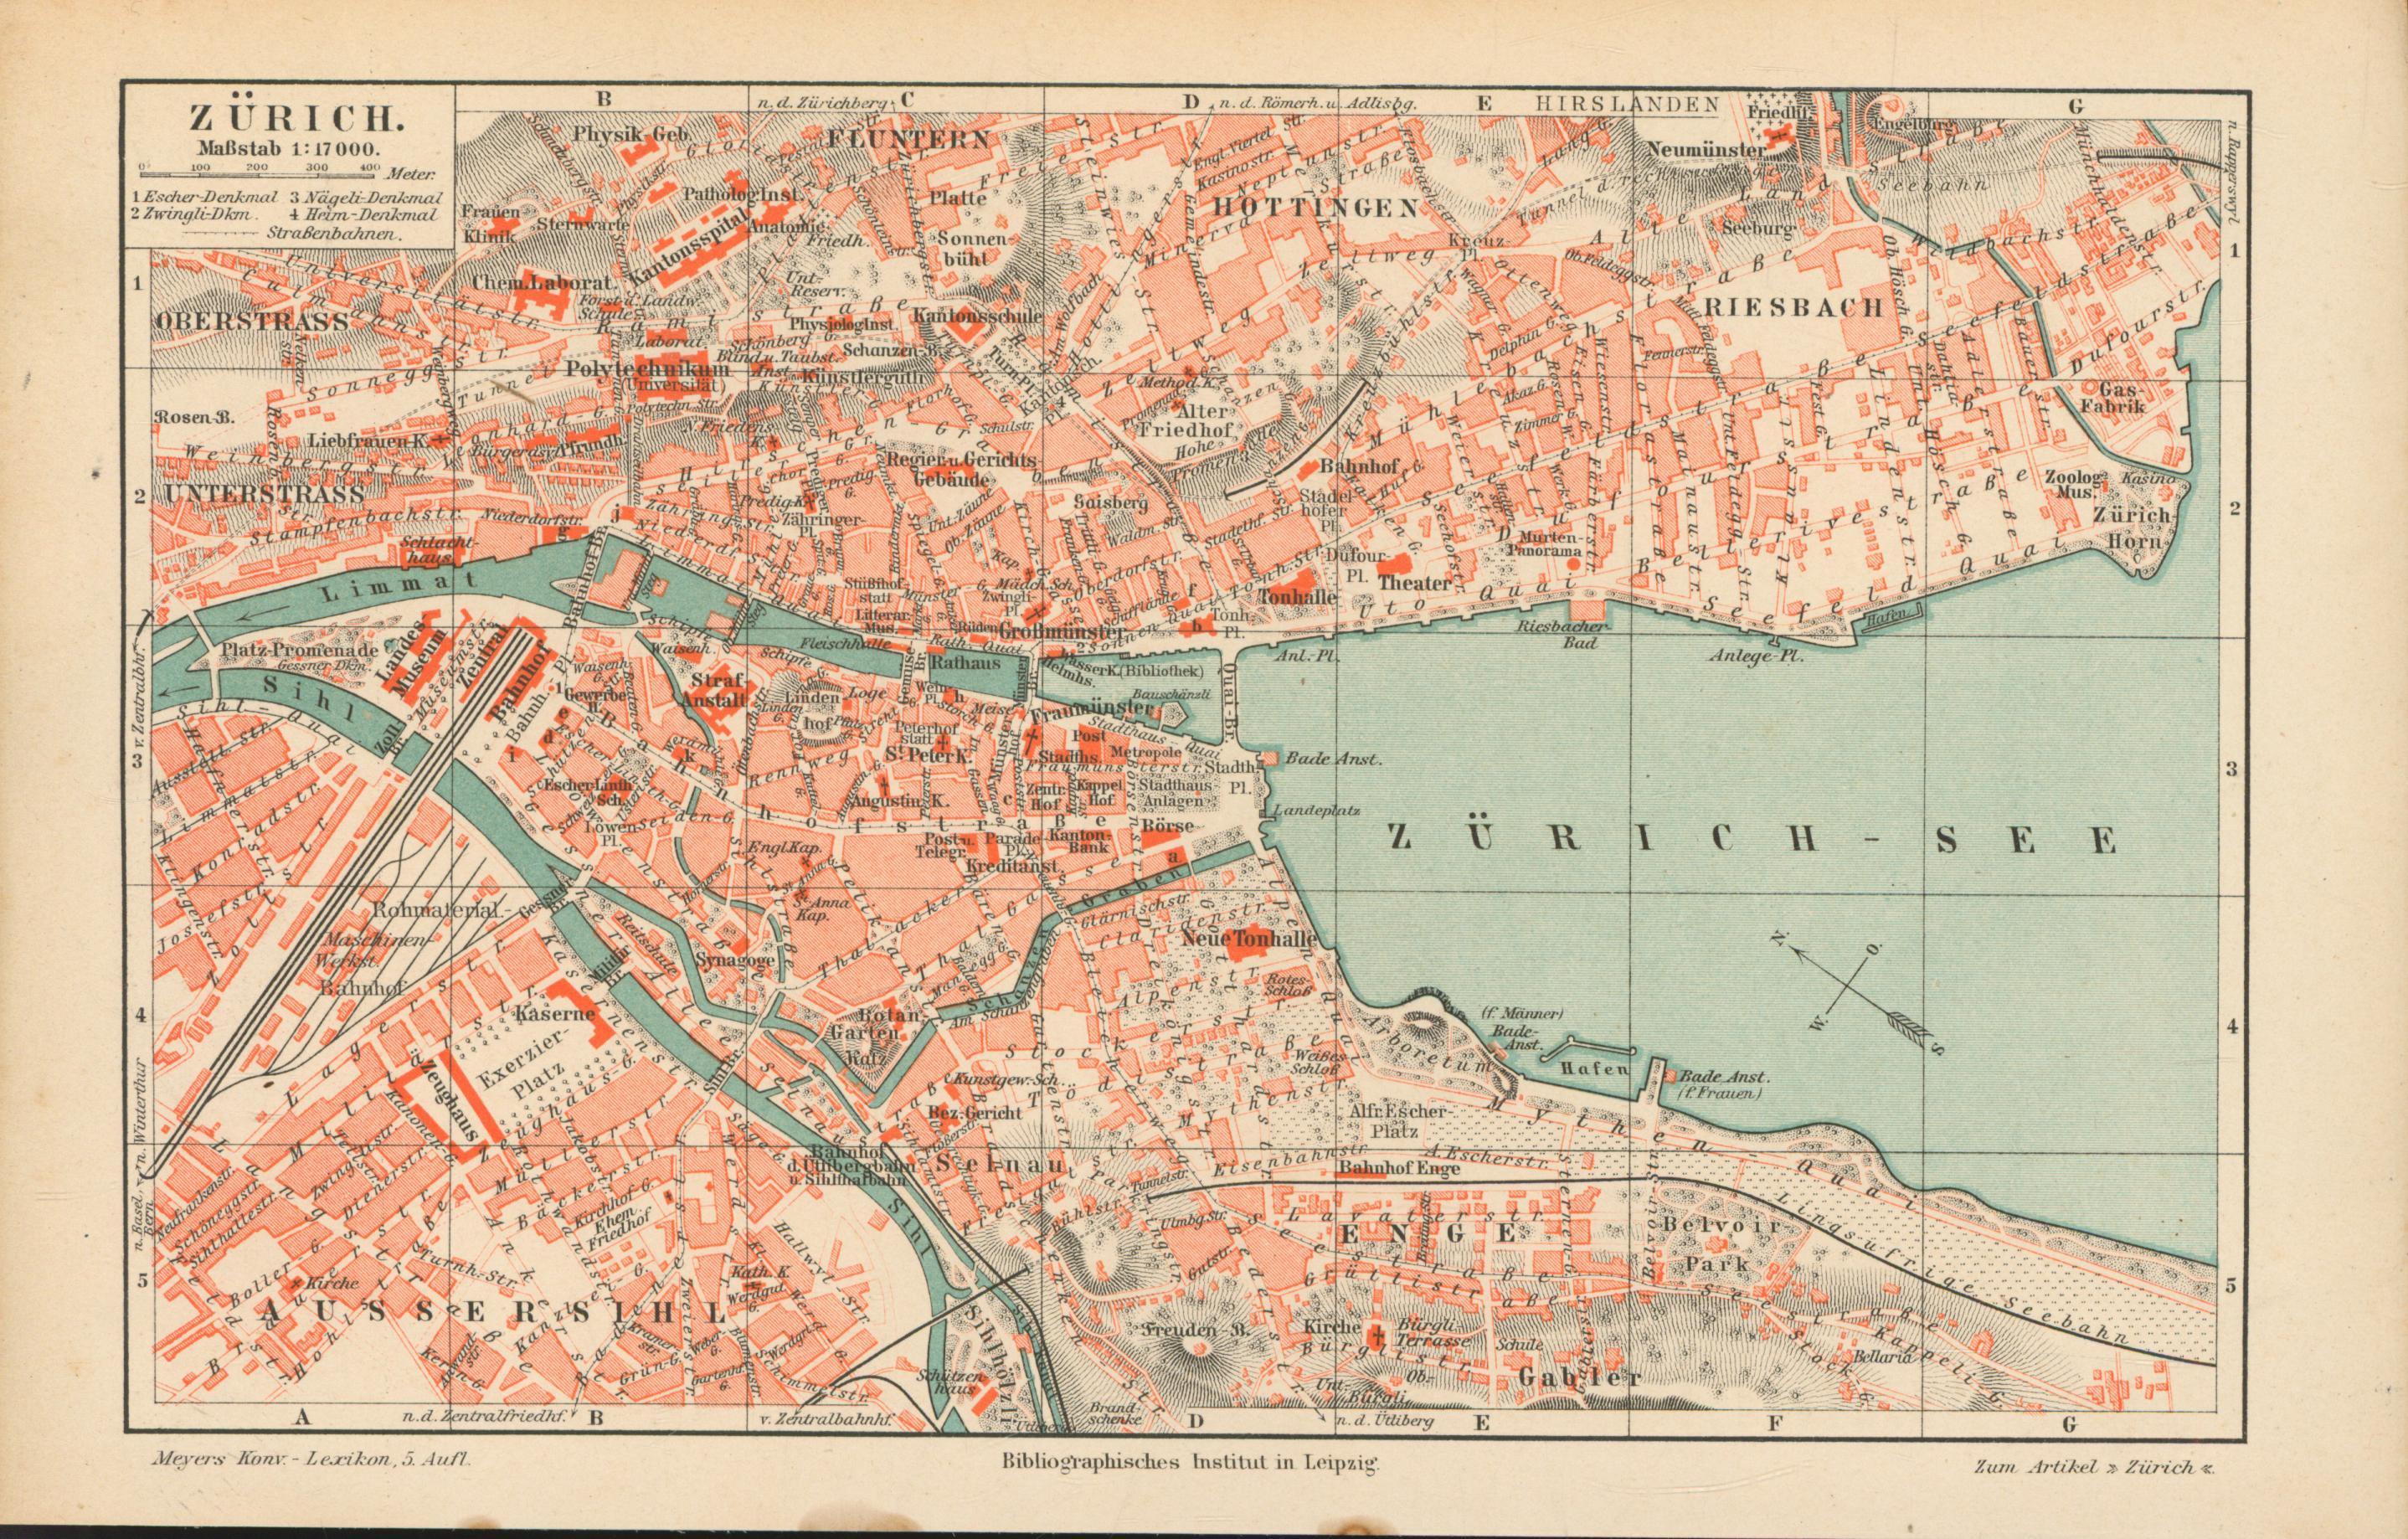 Zürich von 1897,Maßstab 1:17.000: Historische Landkarte KEIN